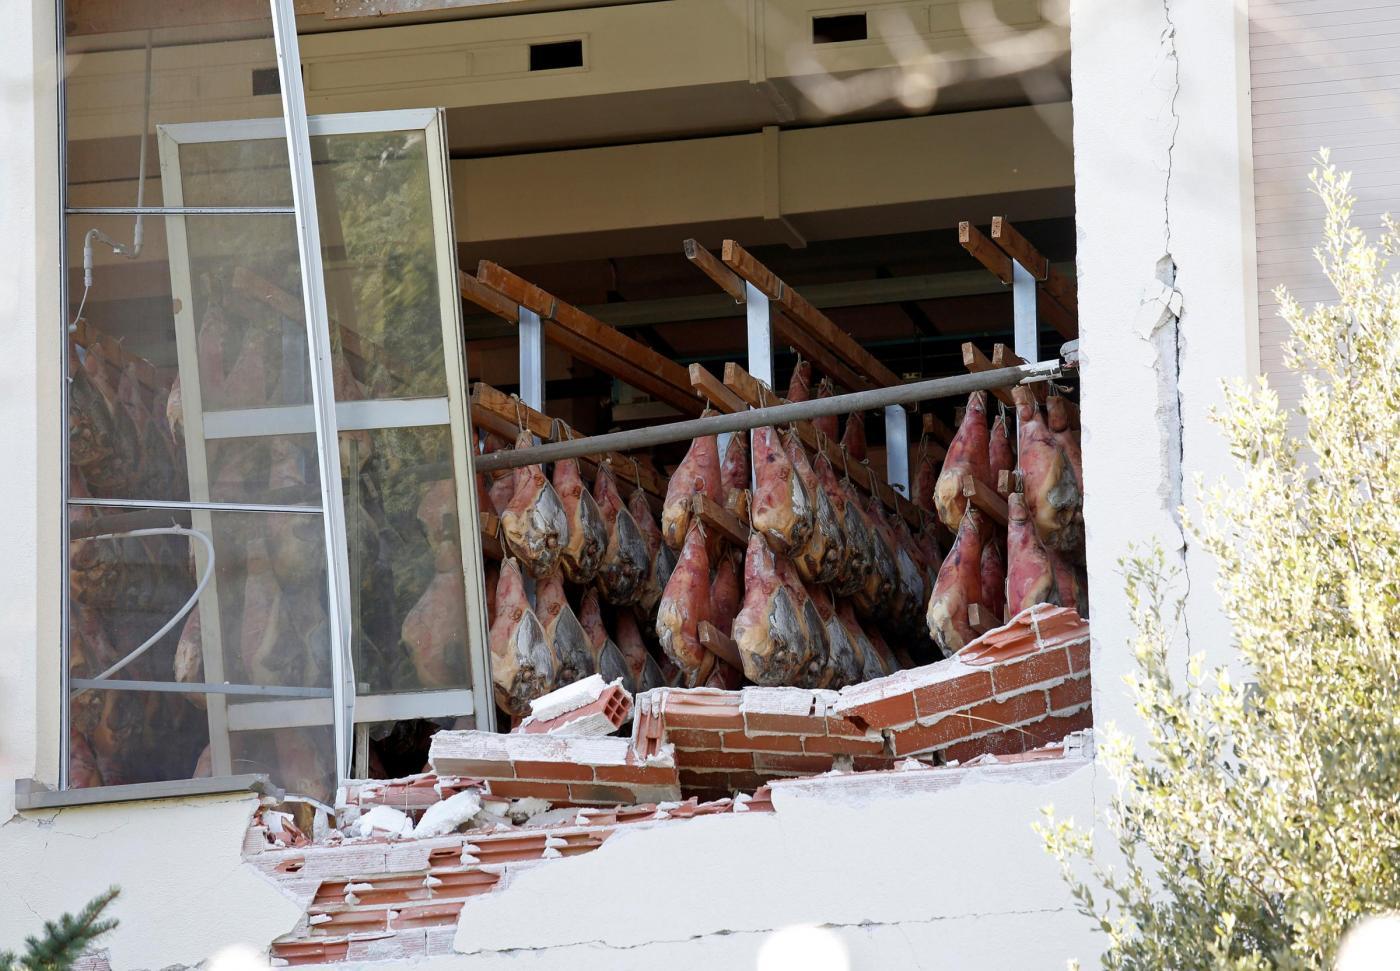 Norcia immagini dal disastro del sisma